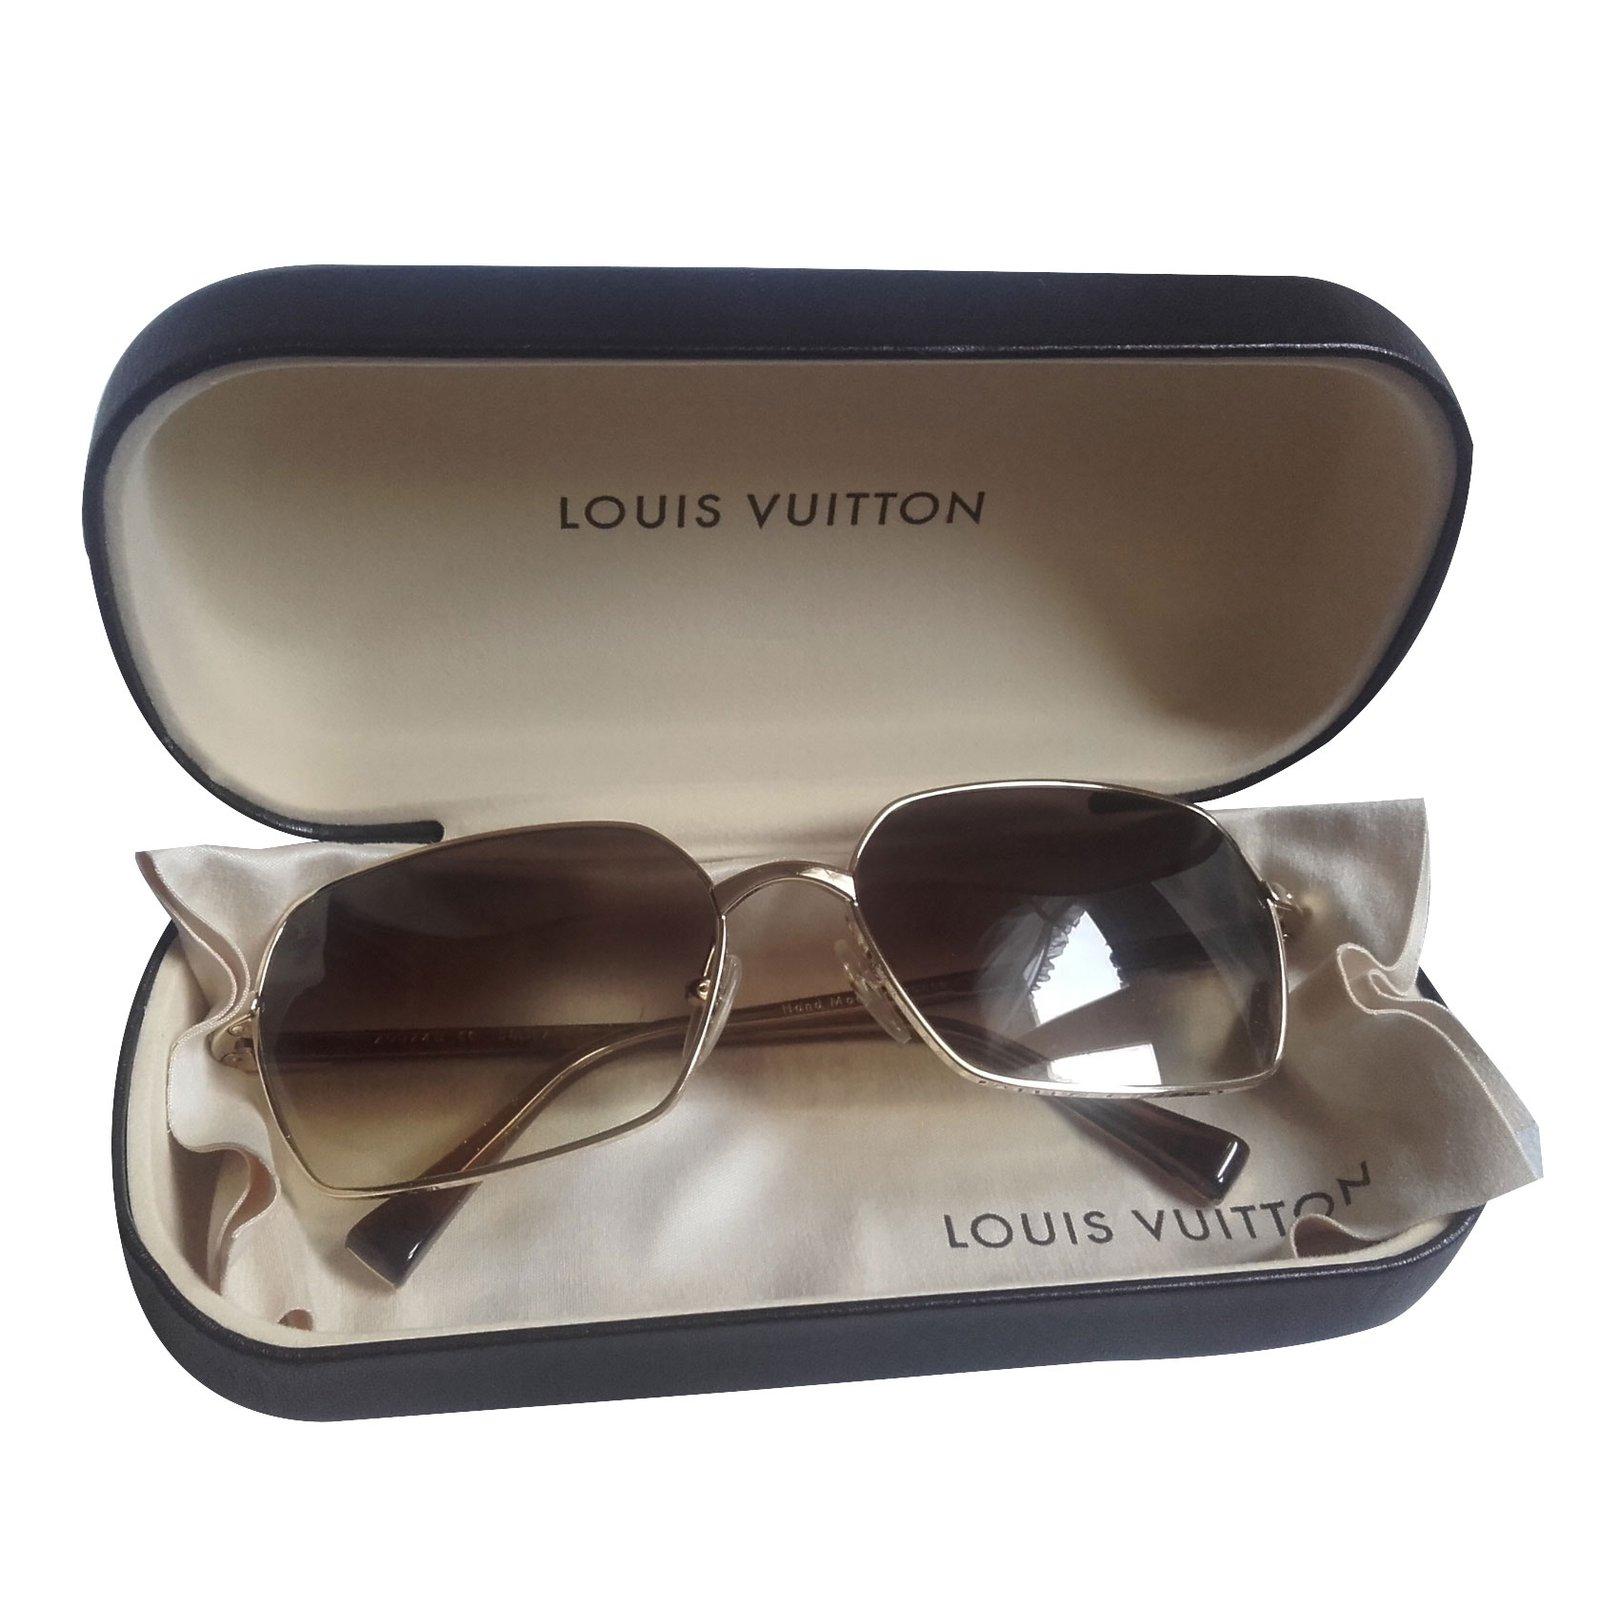 Lunettes Louis Vuitton Lunettes de soleil Louis Vuitton métal doré  réfèrence Z0074U Métal Doré ref. f236257695fb